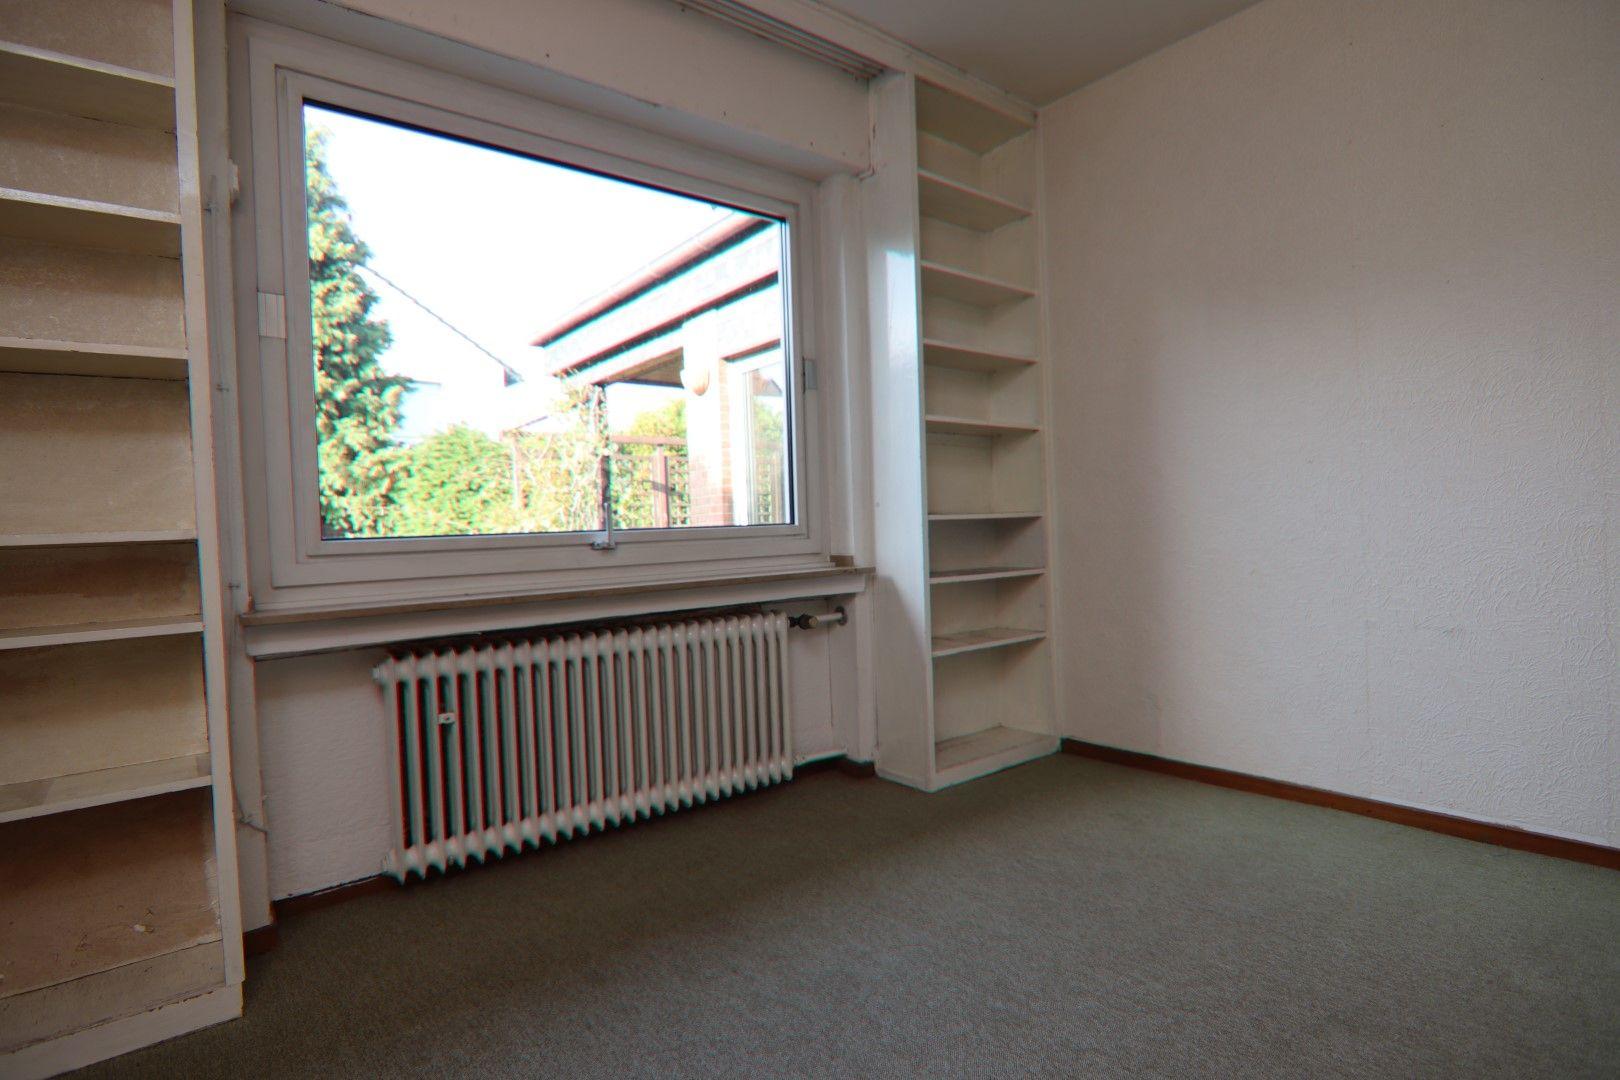 Immobilie Nr.0279 - Freistehendes EFH mit Anbau, Keller und Garage - Bild 2.jpg